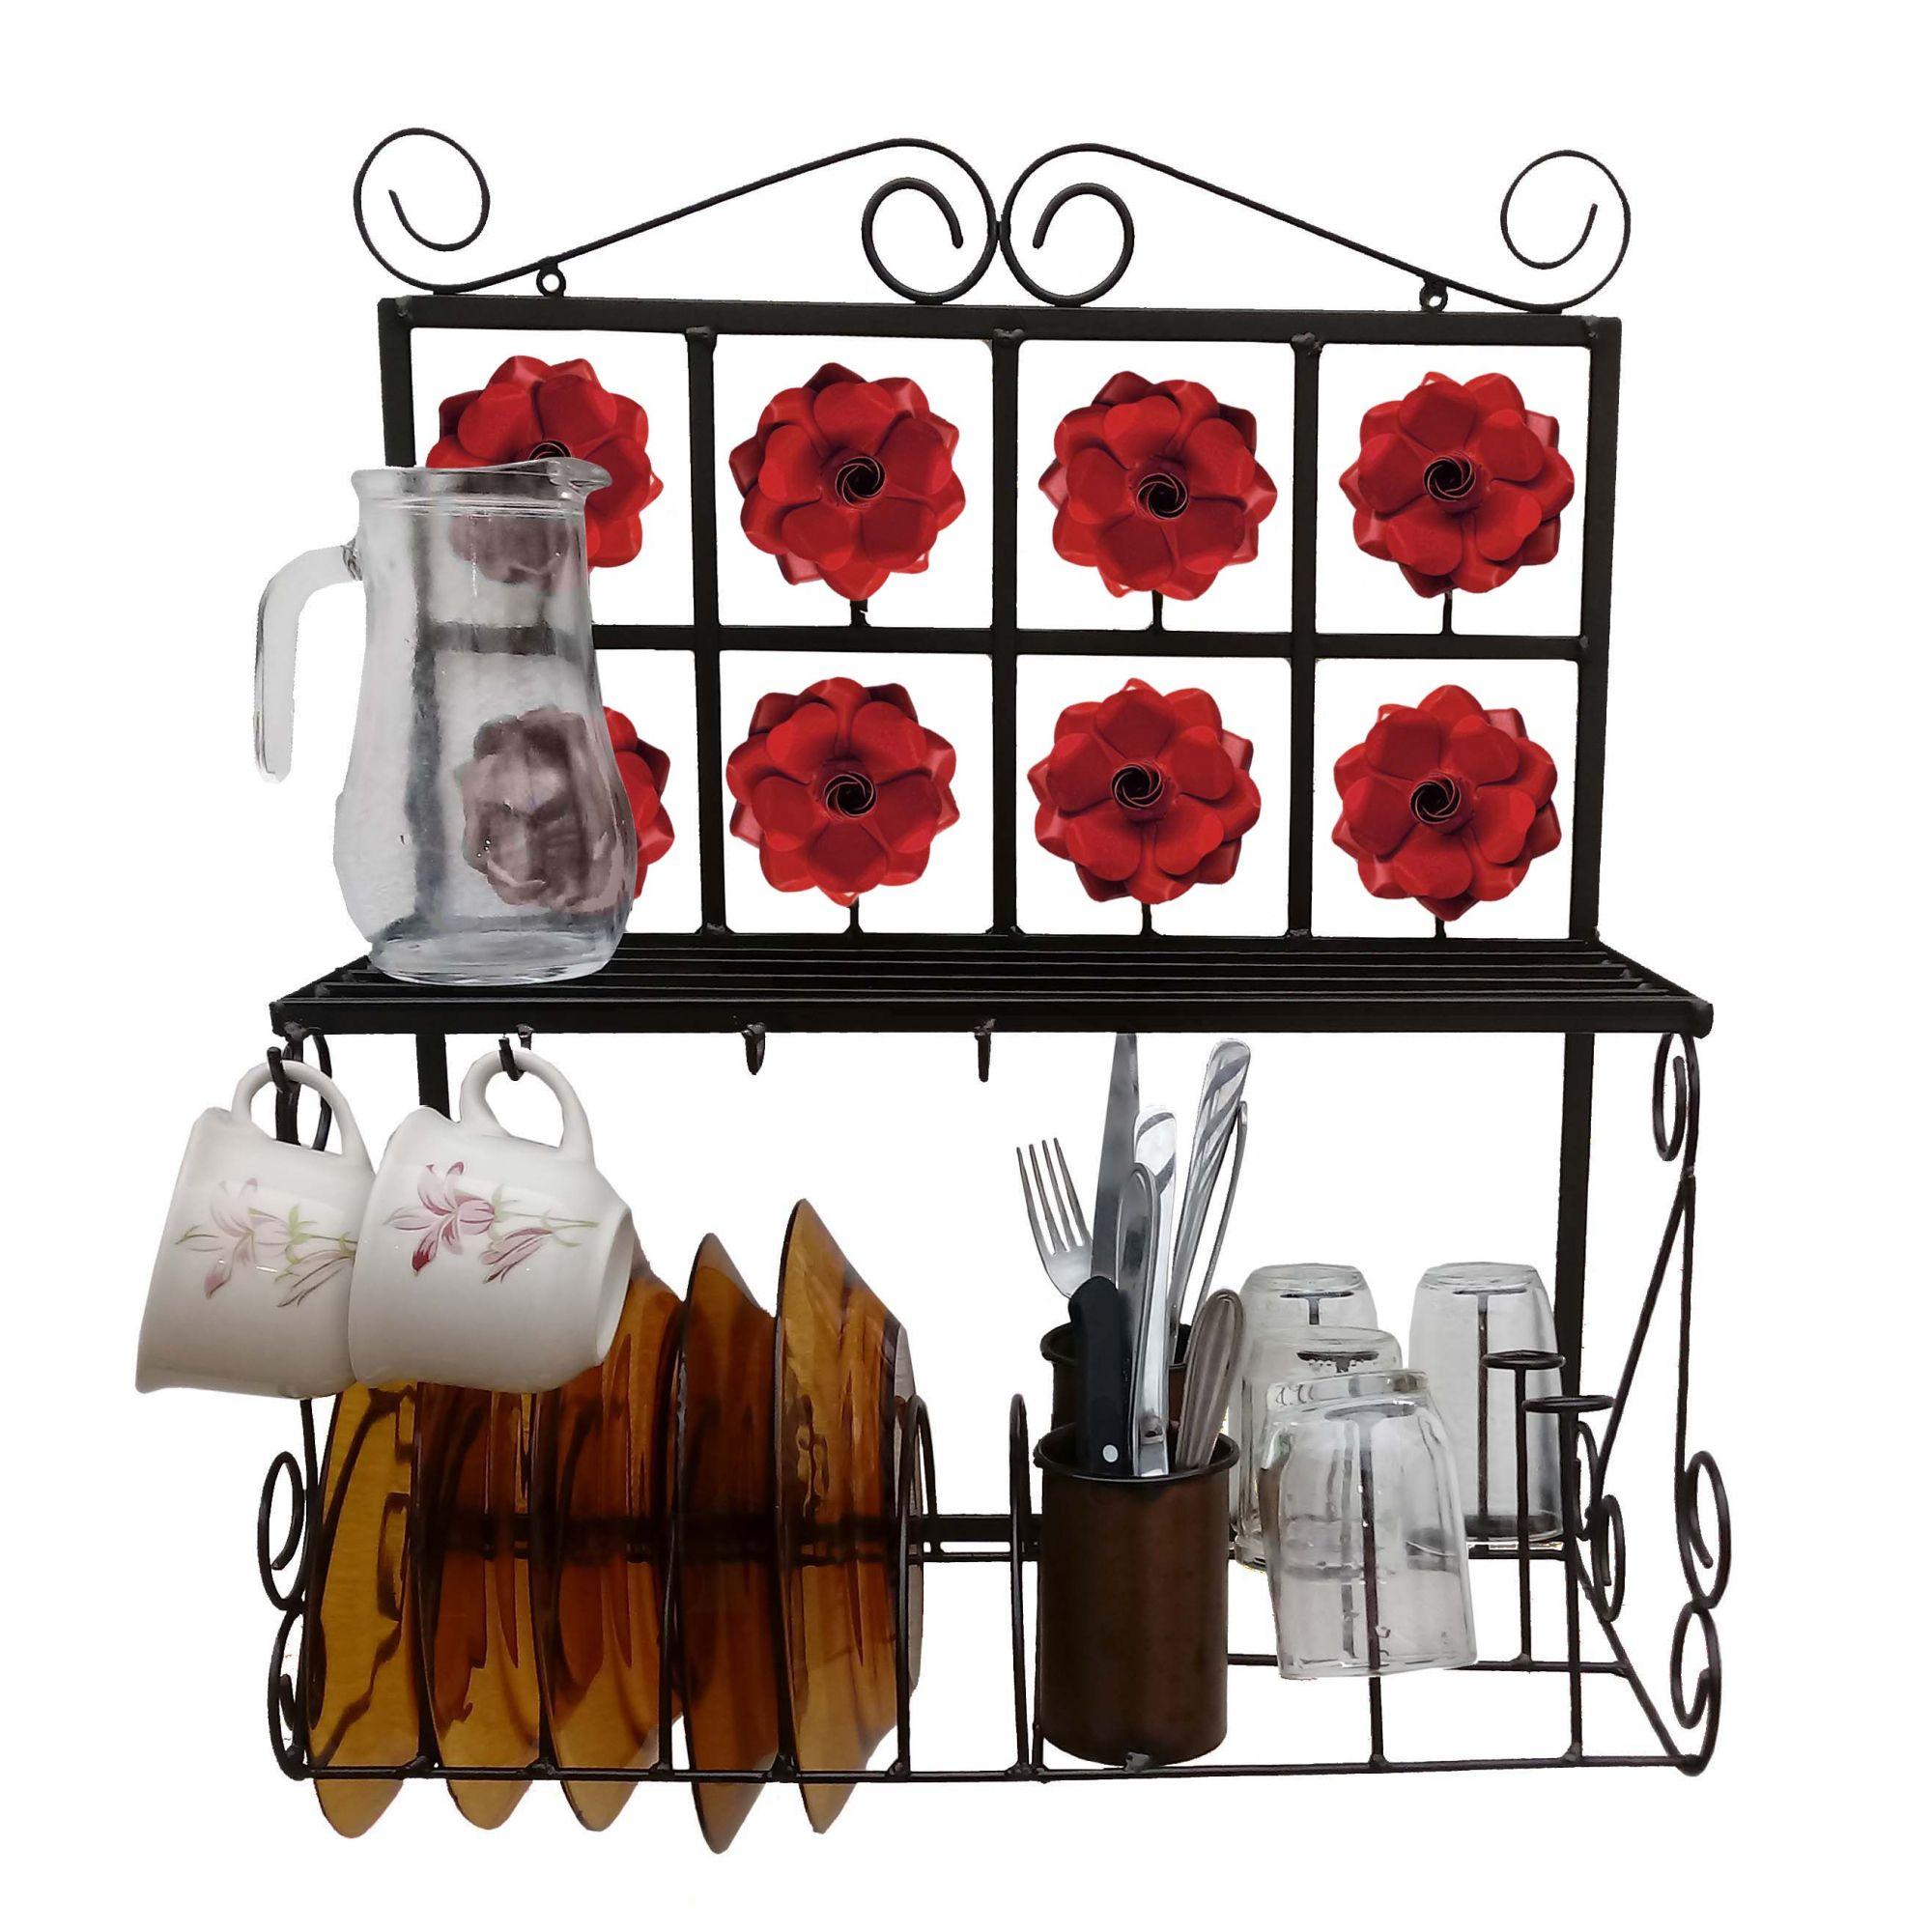 Suporte Artesanal Para Pratos E Copos Decorativo Para Cozinha Rustica